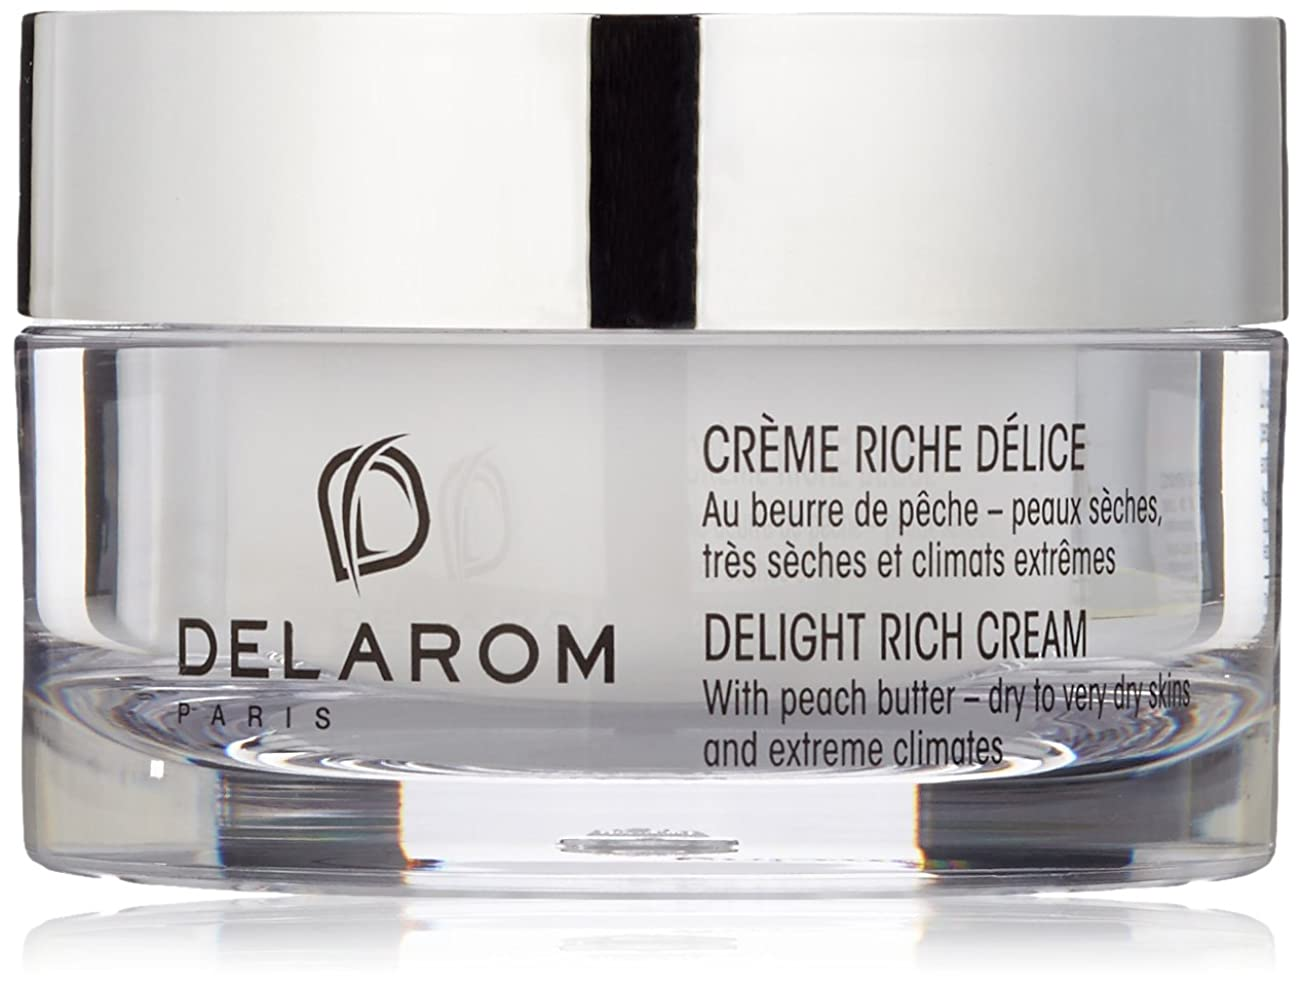 ぶら下がる反抗実り多いDELAROM Delight Rich Cream - For Dry to Very Dry Skins & Extreme Climates 50ml/1.7oz並行輸入品